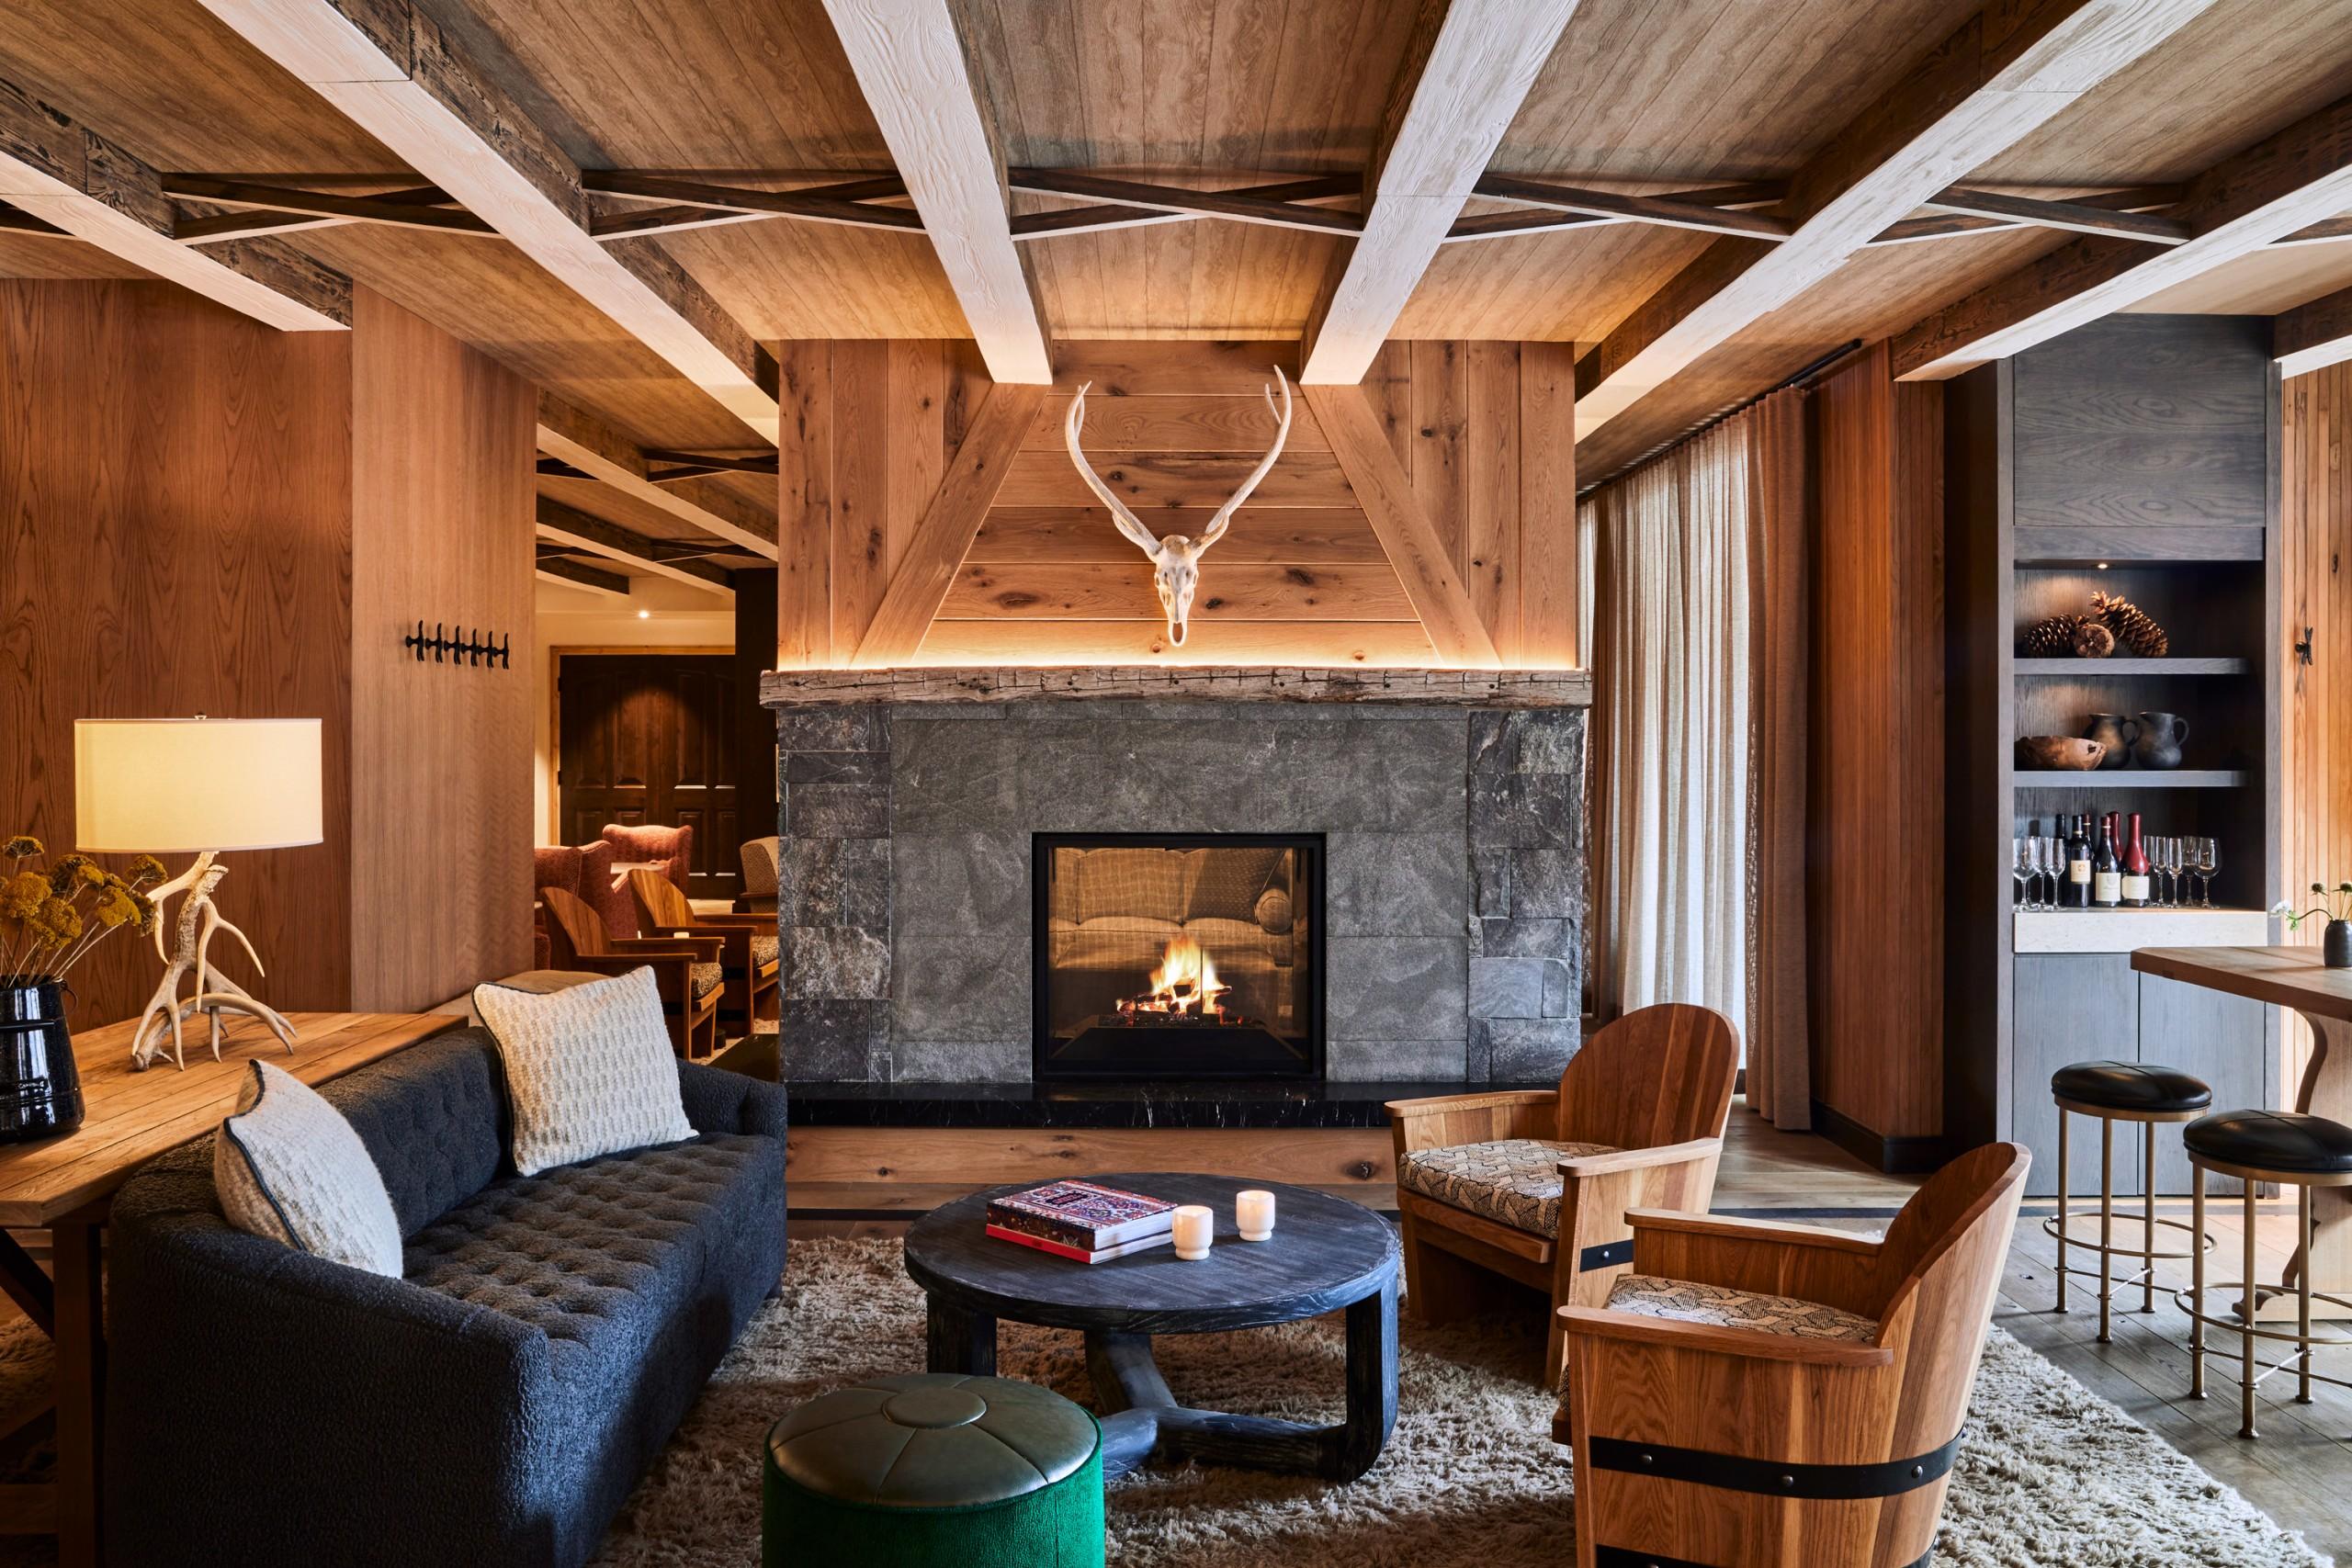 Mdl Dine Timber Room Interior 2021 043